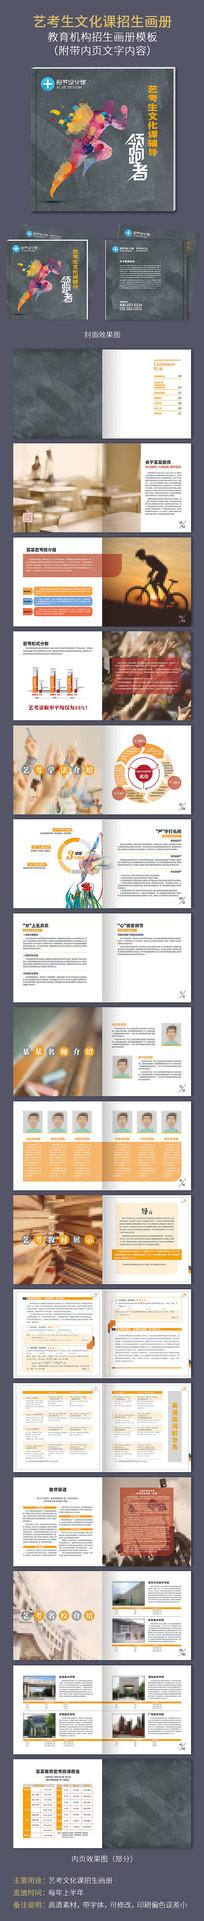 艺考生文化课招生画册手册